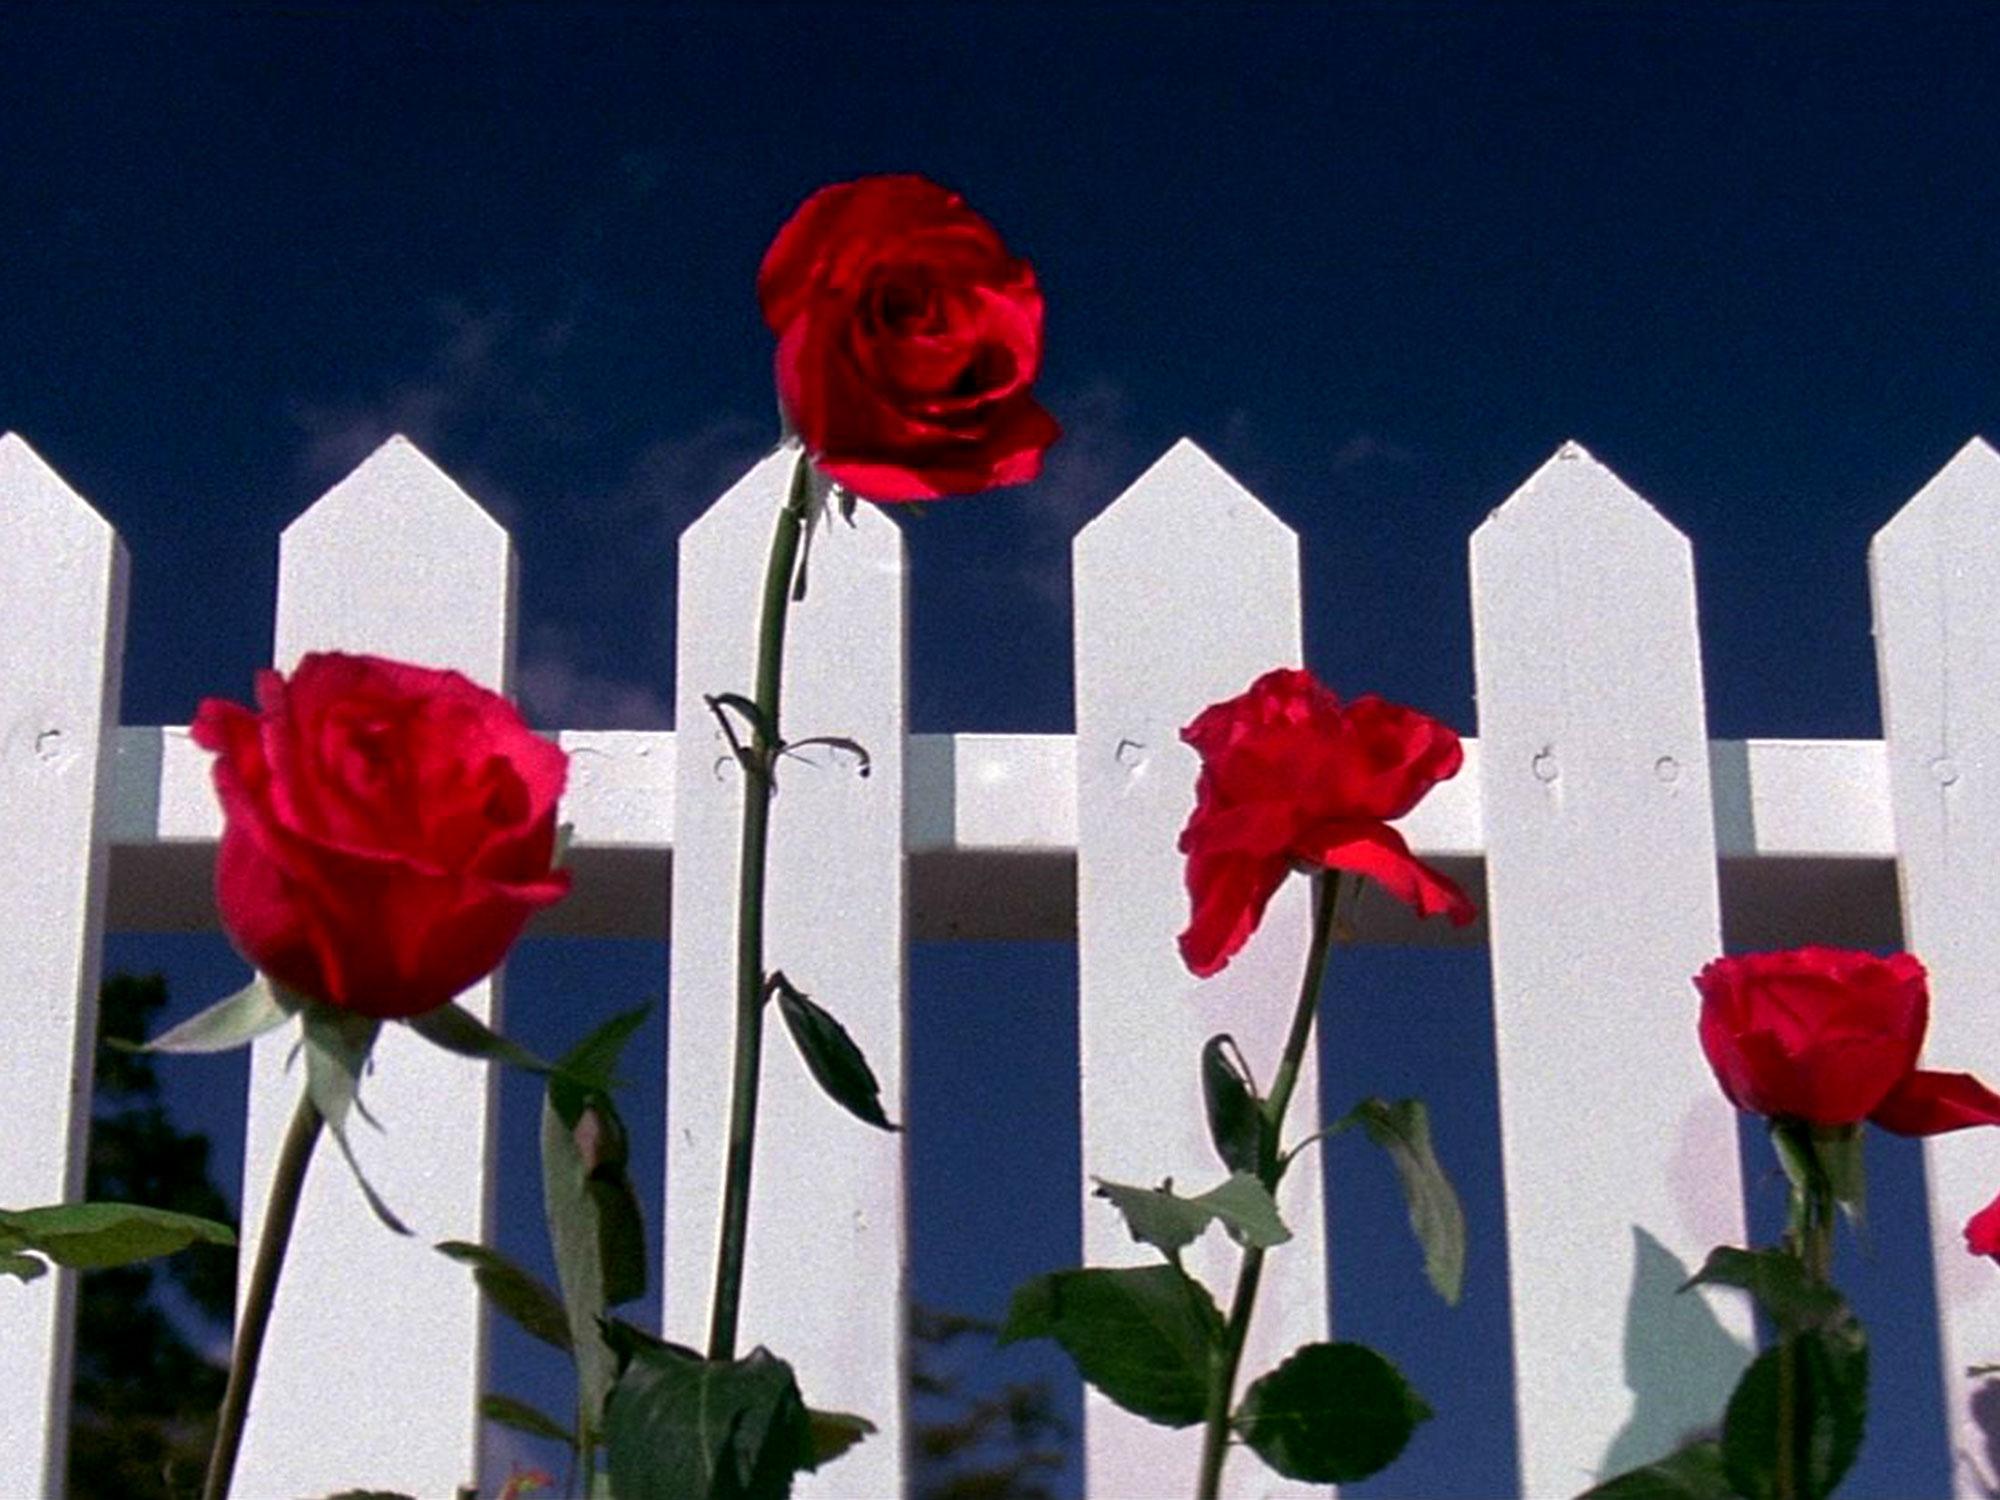 Blue Velvet red roses